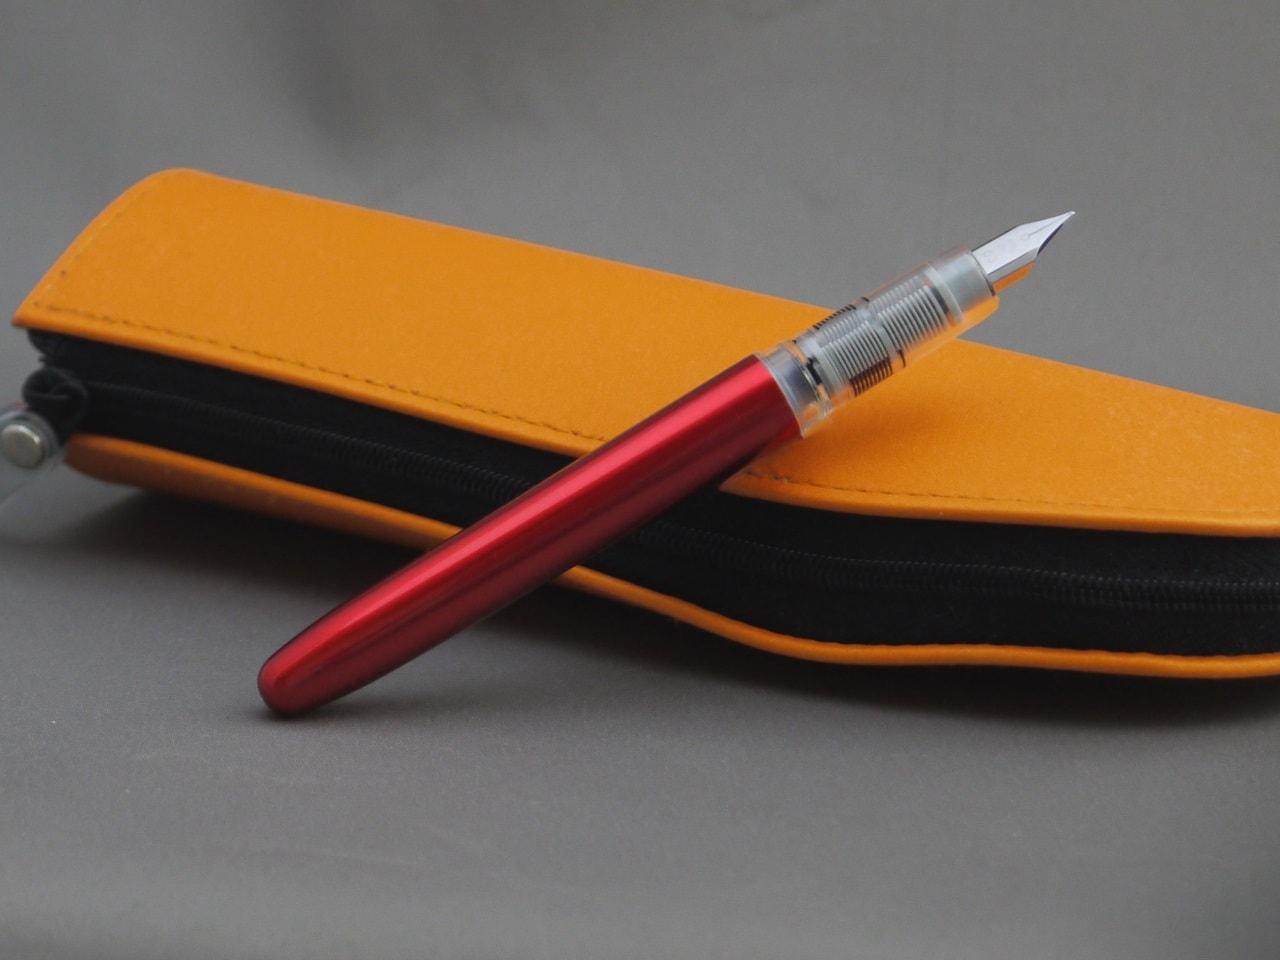 左利きでもふつうに使えてうれしい。 安価な万年筆「プレジール」の感想とか